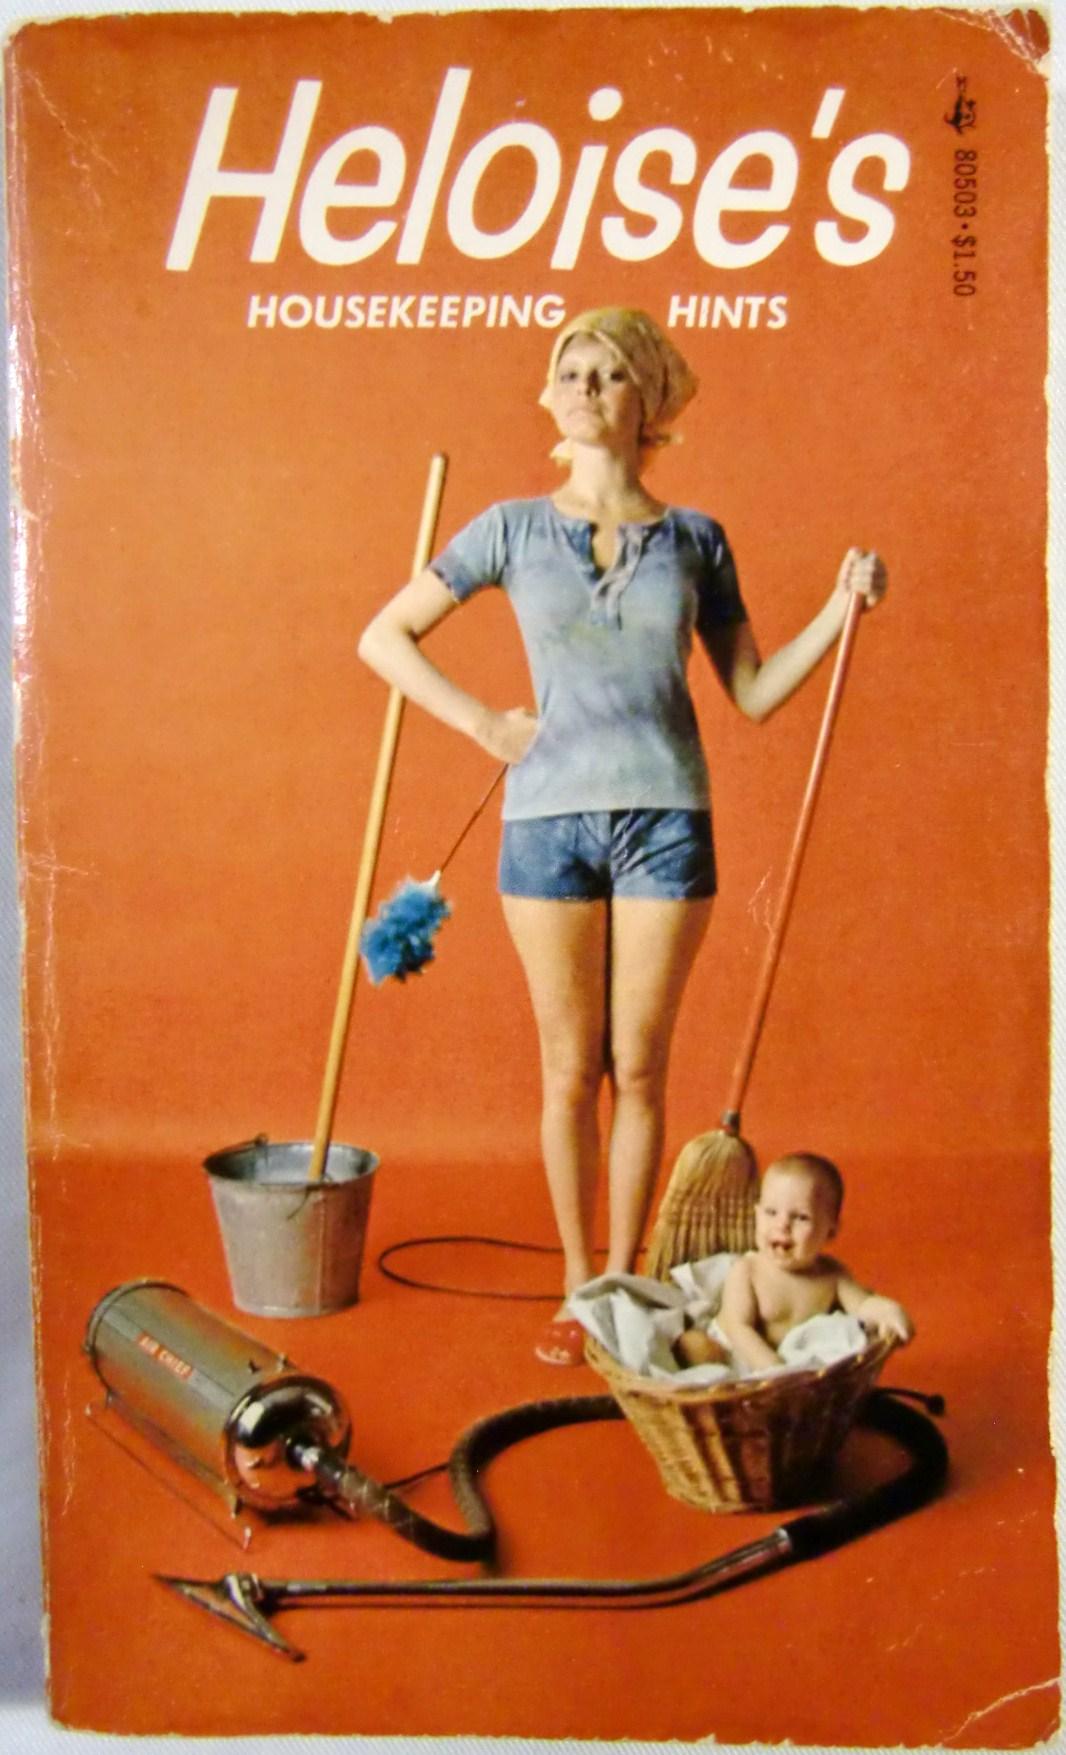 Heloise's Housekeeping Hints